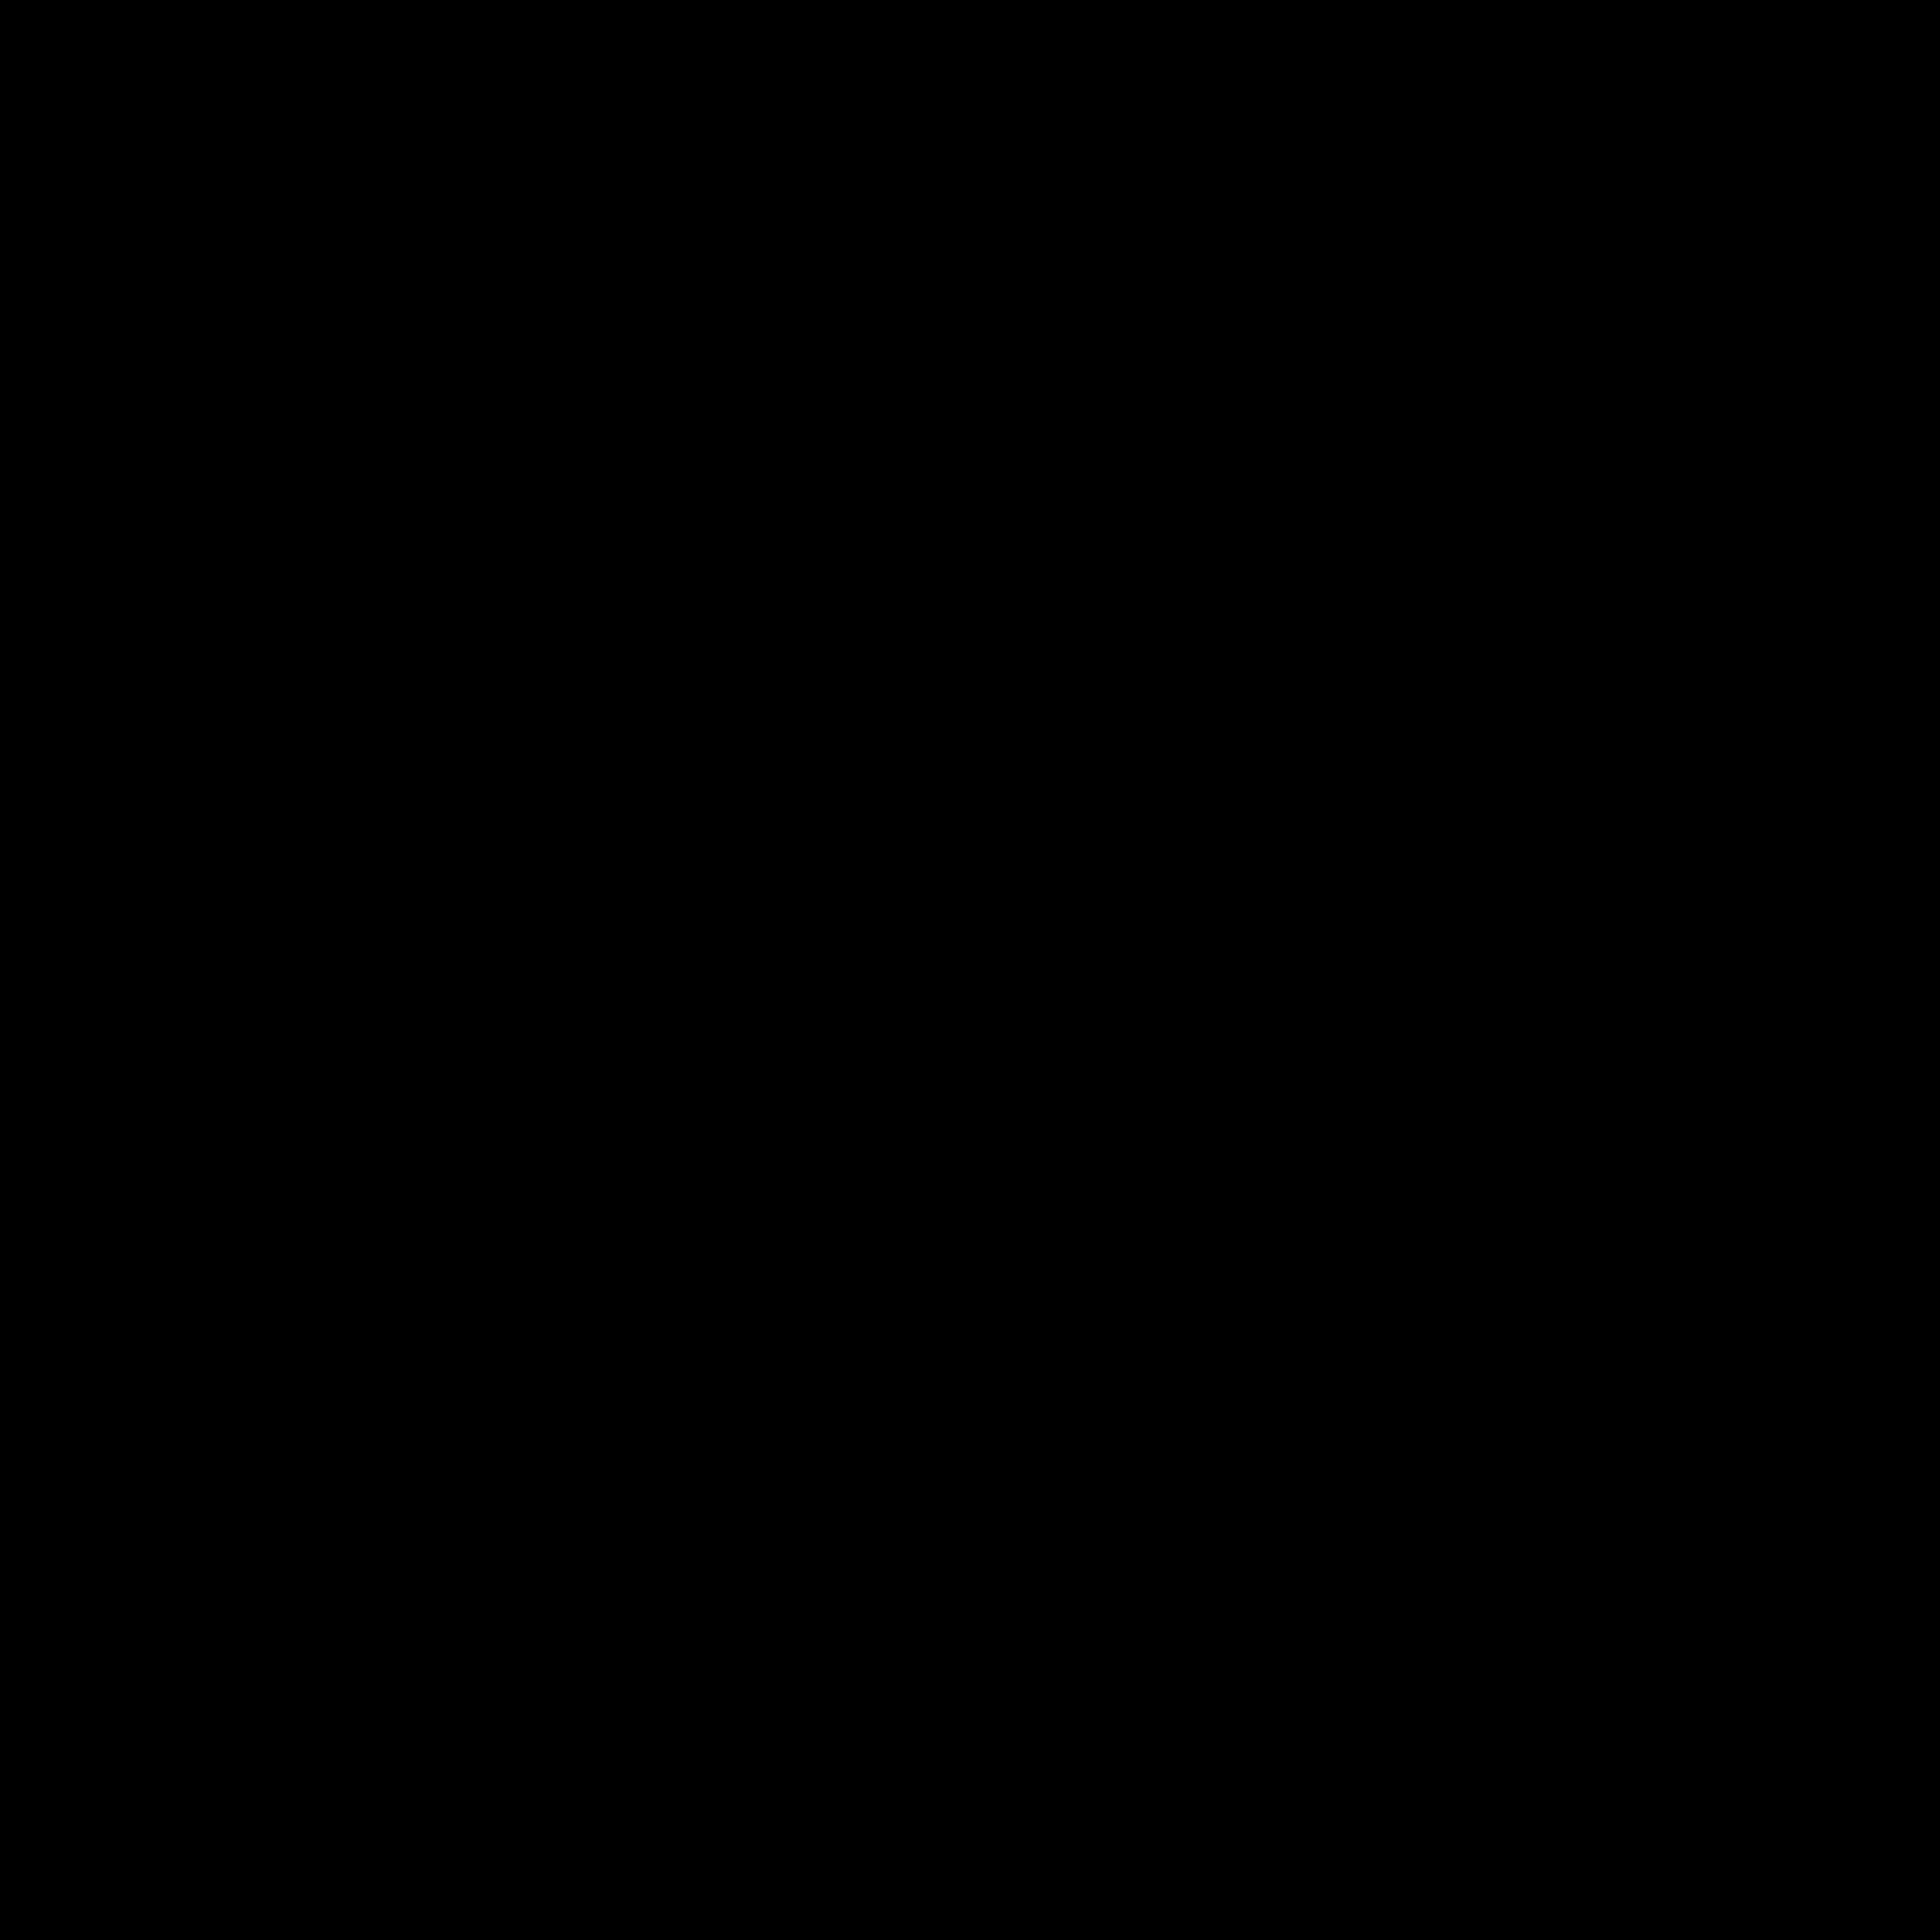 minimal-cglogos-04.png